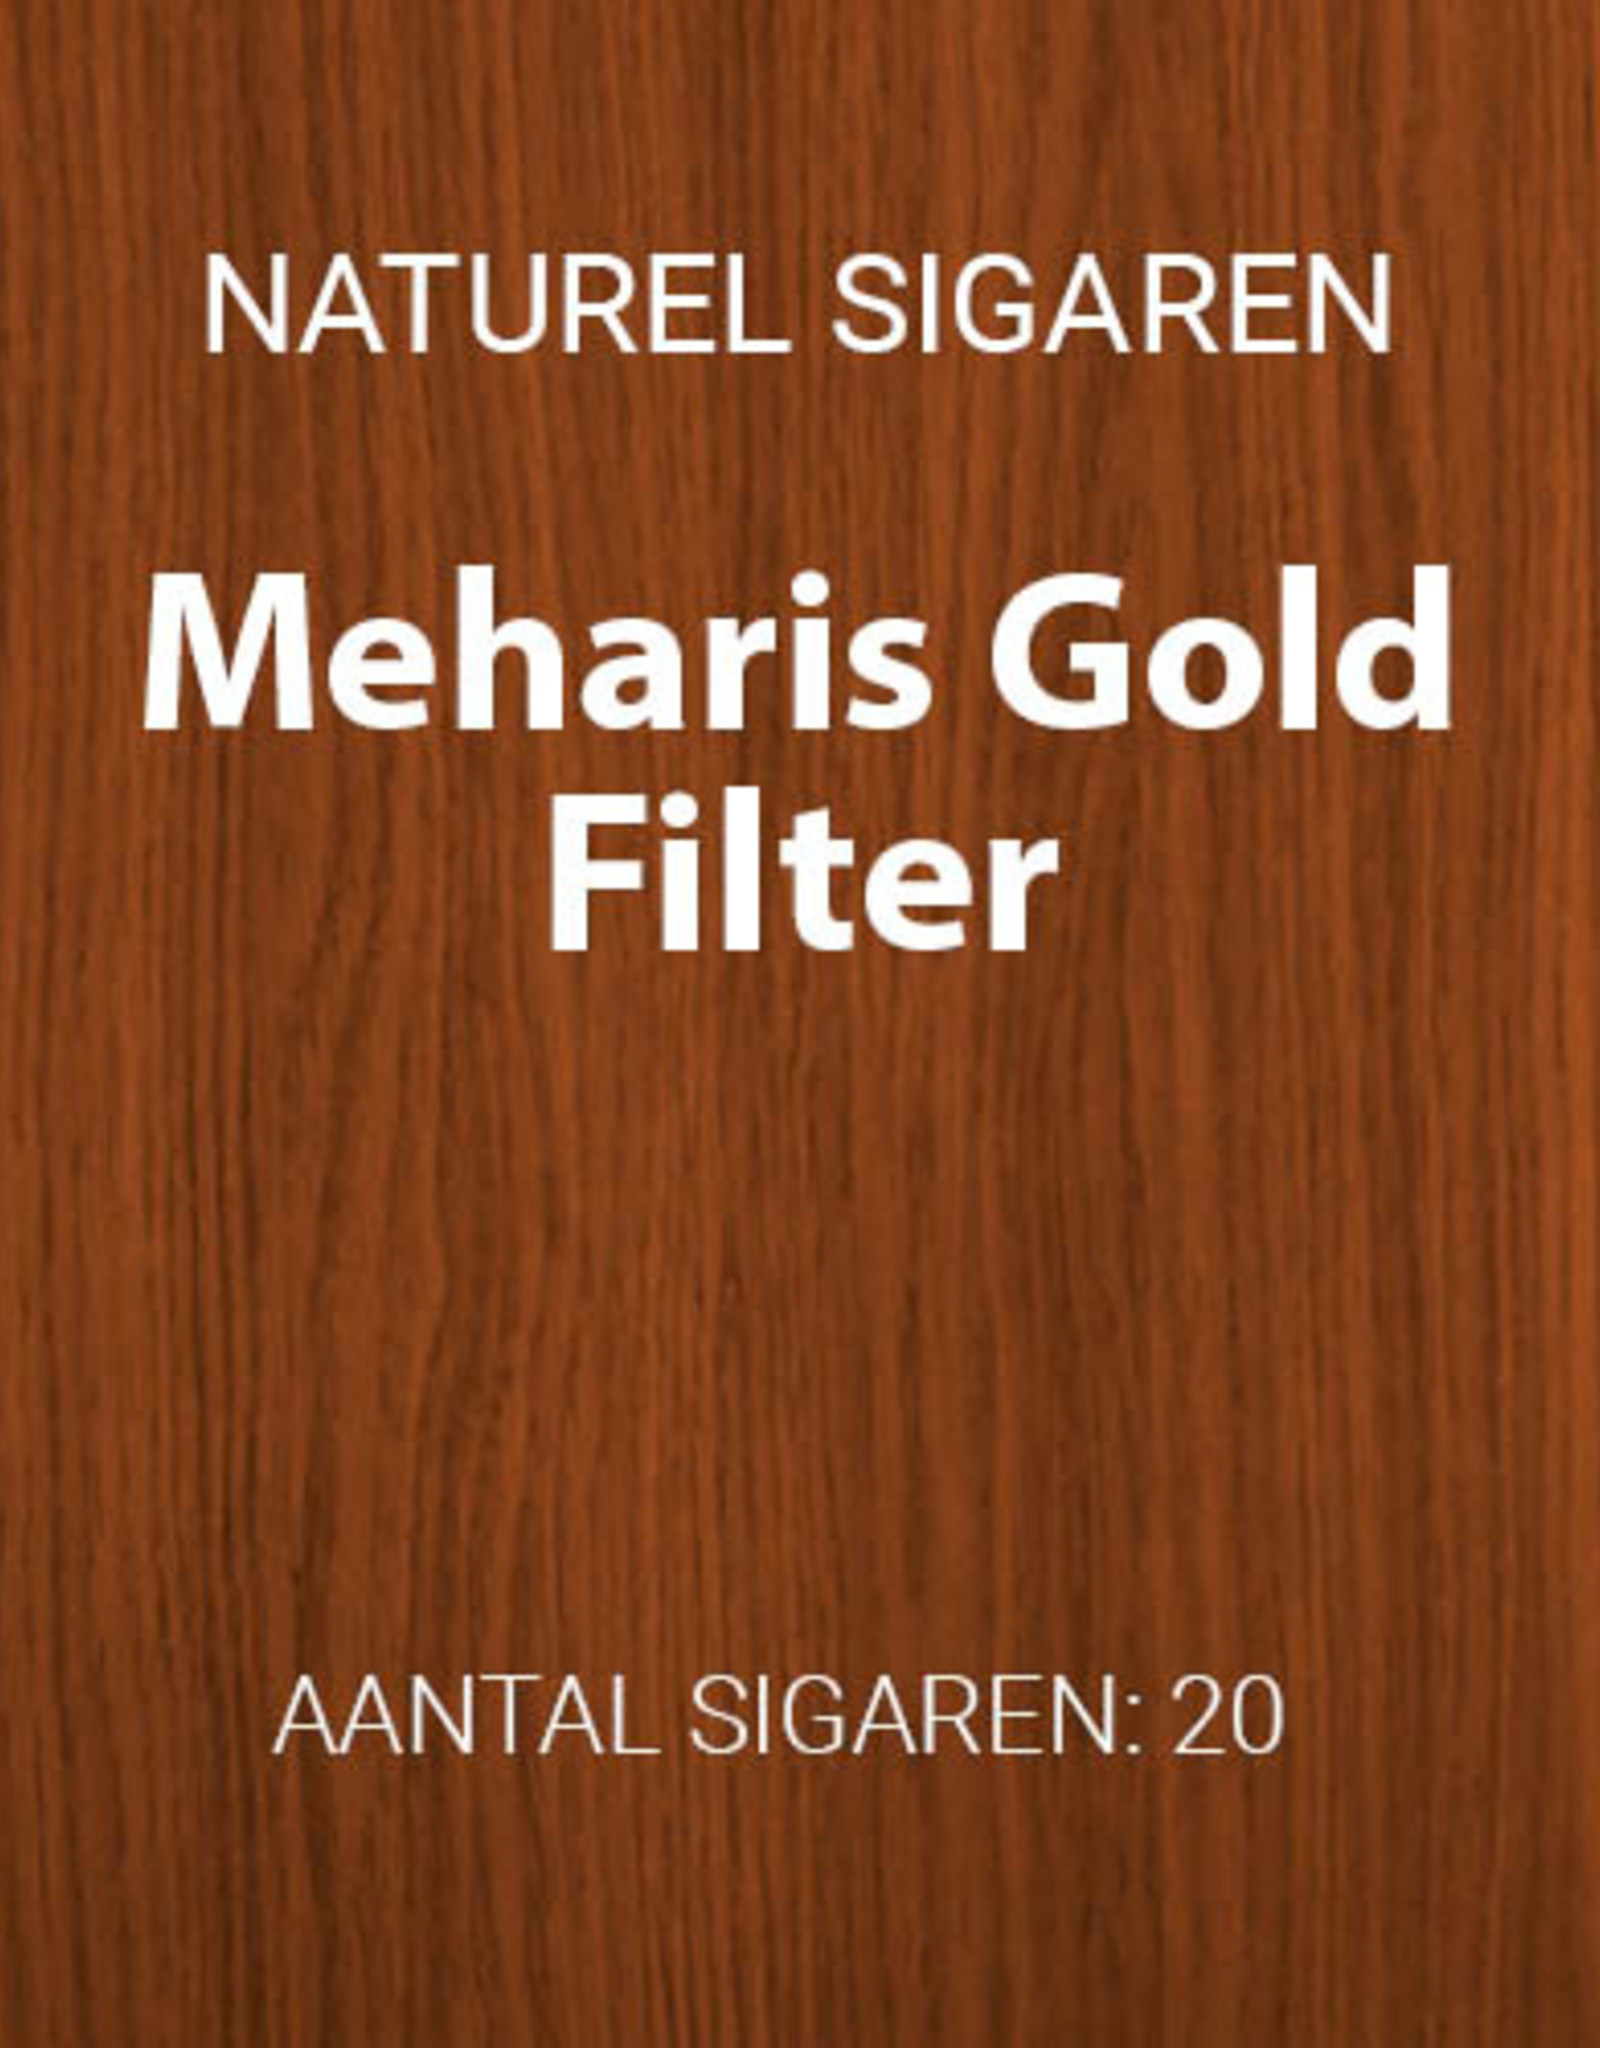 Meharis Mehari's Gold FILTER